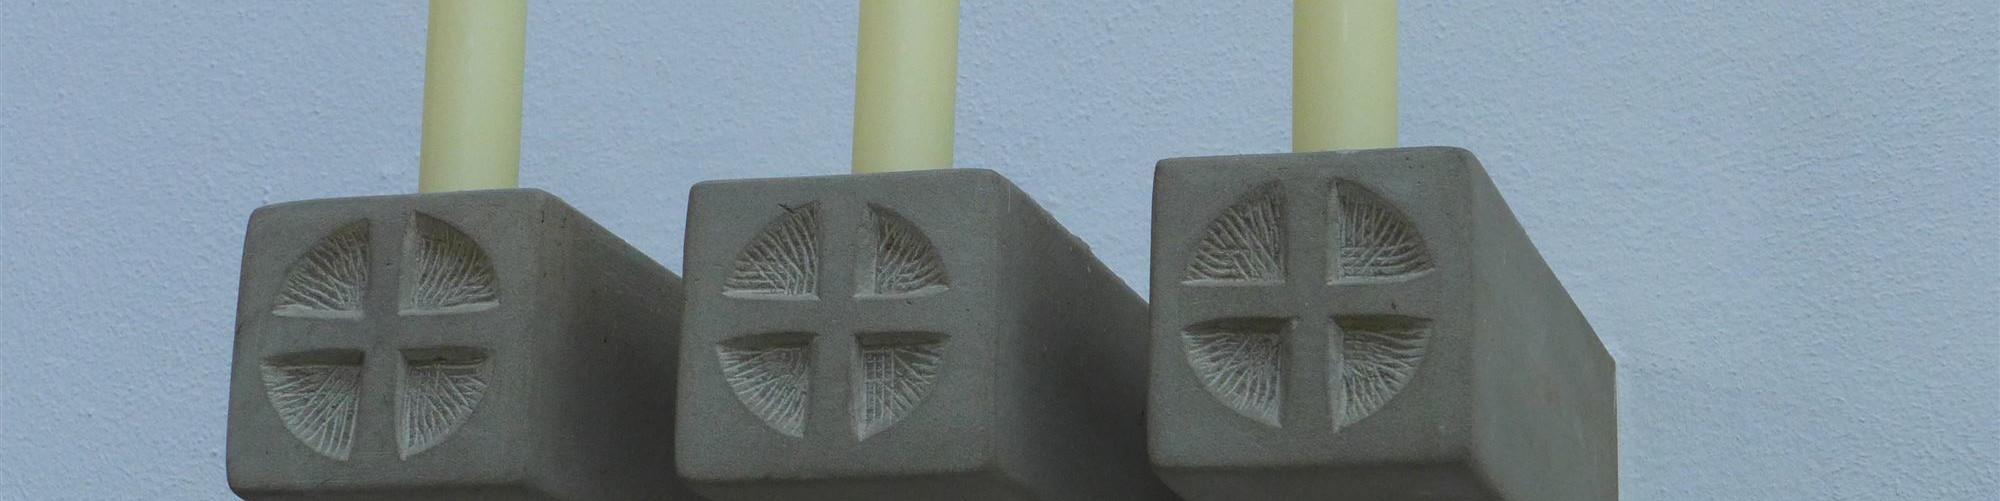 Kirche Oberwerrn - Apostelleuchter-sld